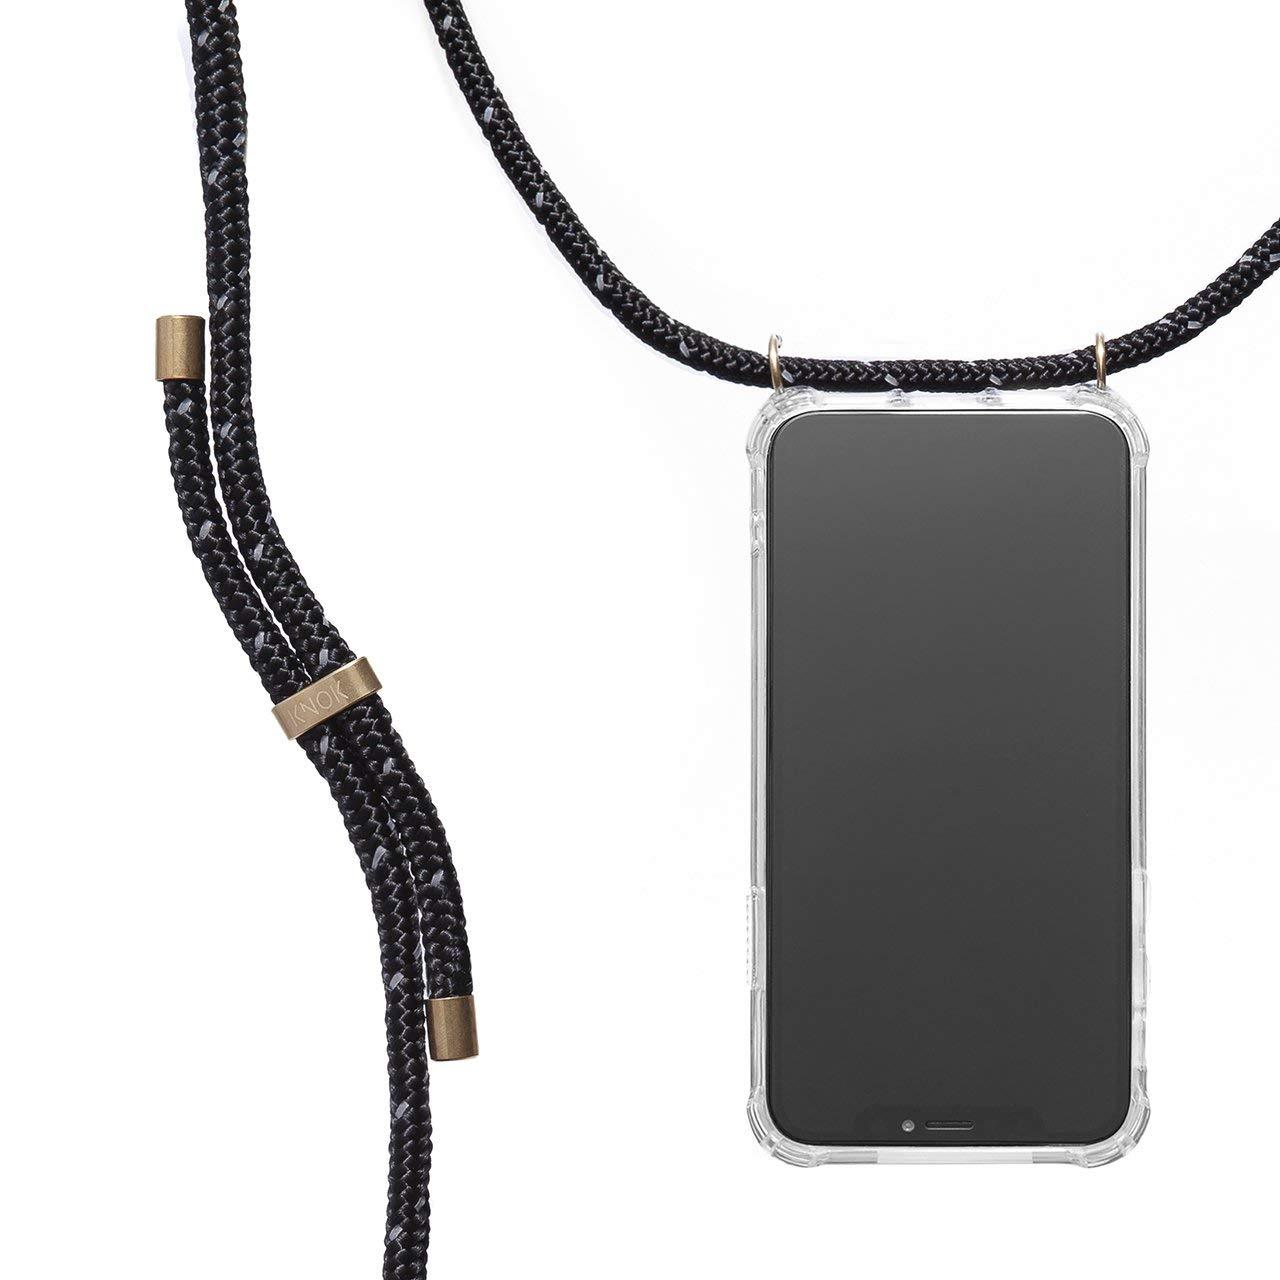 con Cordon para Llevar en el Cuello Carcasa de m/óvil iPhone Samsung Huawei con Correa Colgante Hecho a Mano en Berlin Case KNOK Funda Colgante movil con Cuerda para Colgar Huawei P20